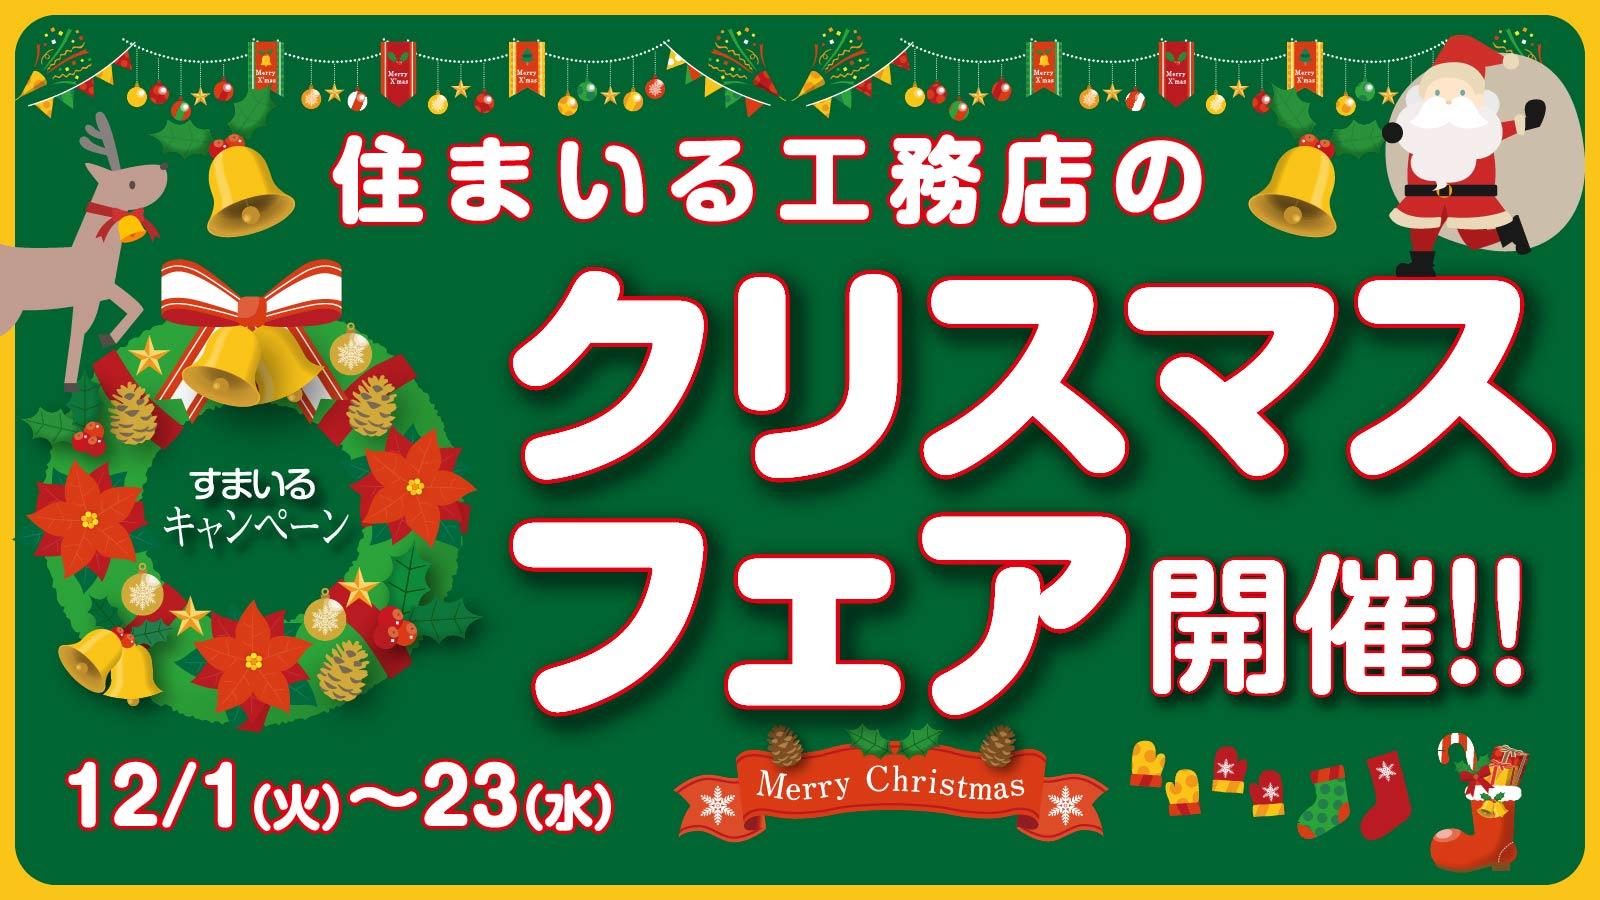 宇都宮市のリフォーム、リノベーション専門店|住まいる工務店:クリスマスフェア